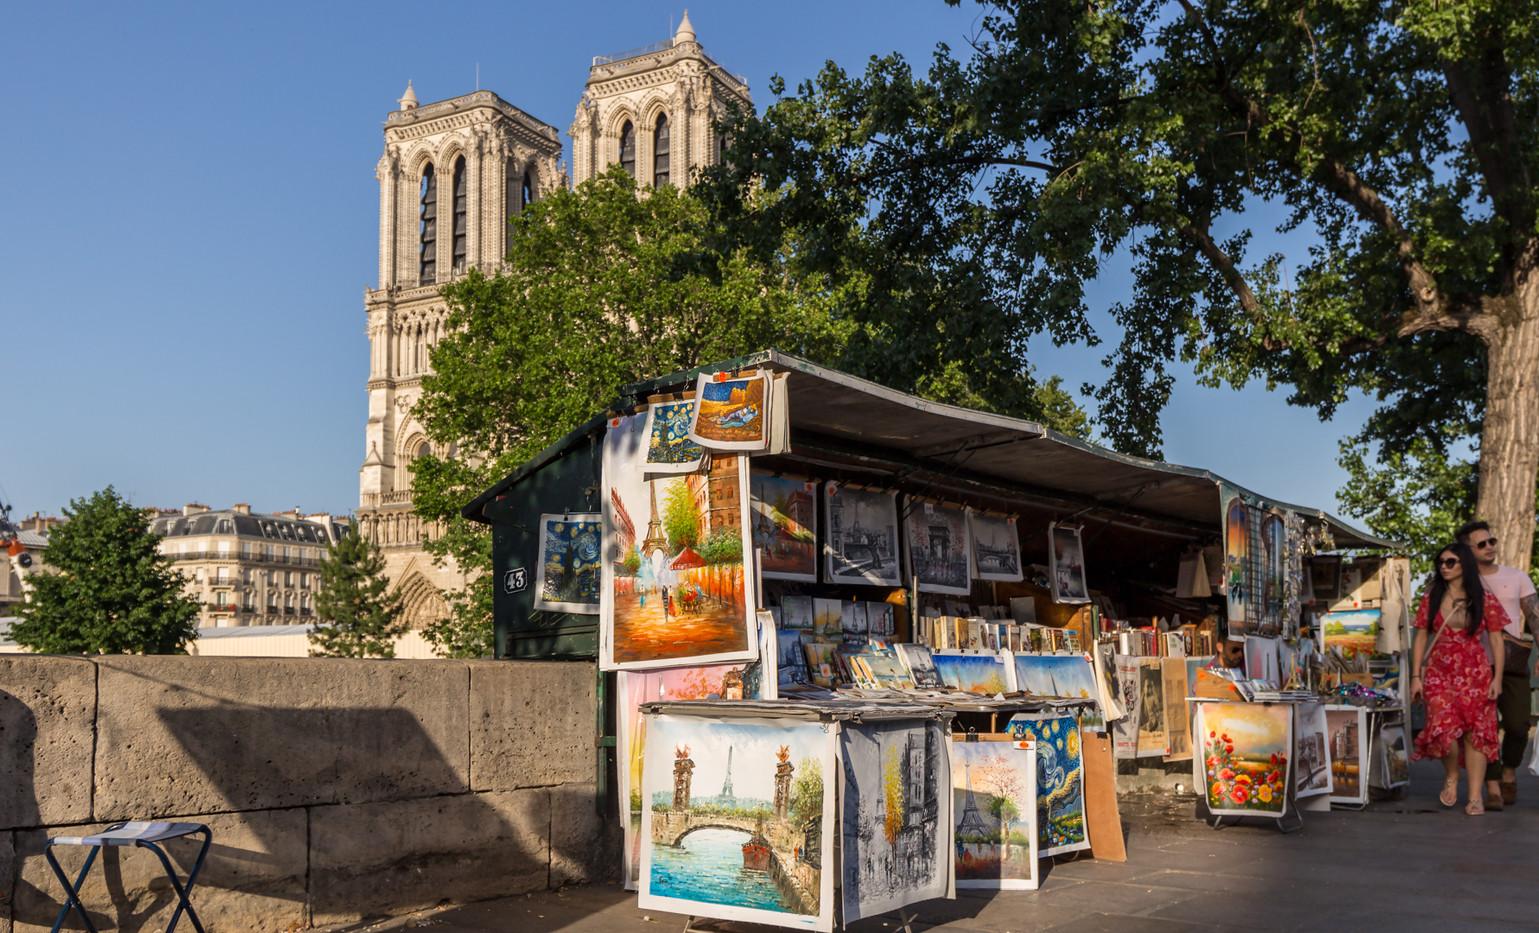 Peintres sur les berges de Seine